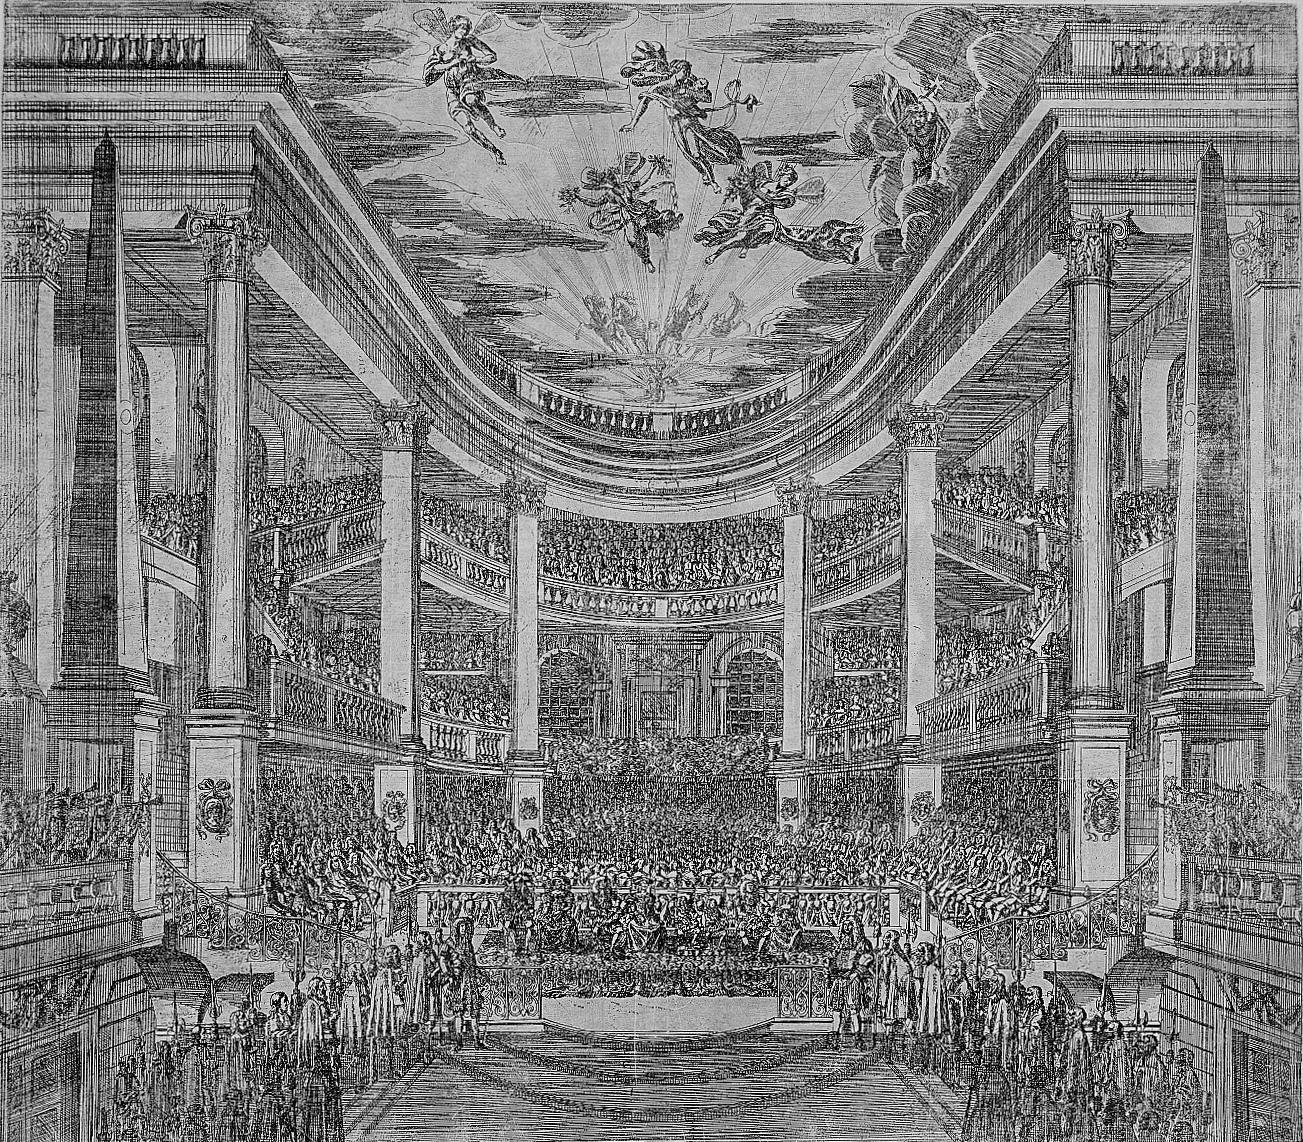 Das Komödienhaus von 1667 nach dem Entwurf von Wolf Kaspar von Klengel